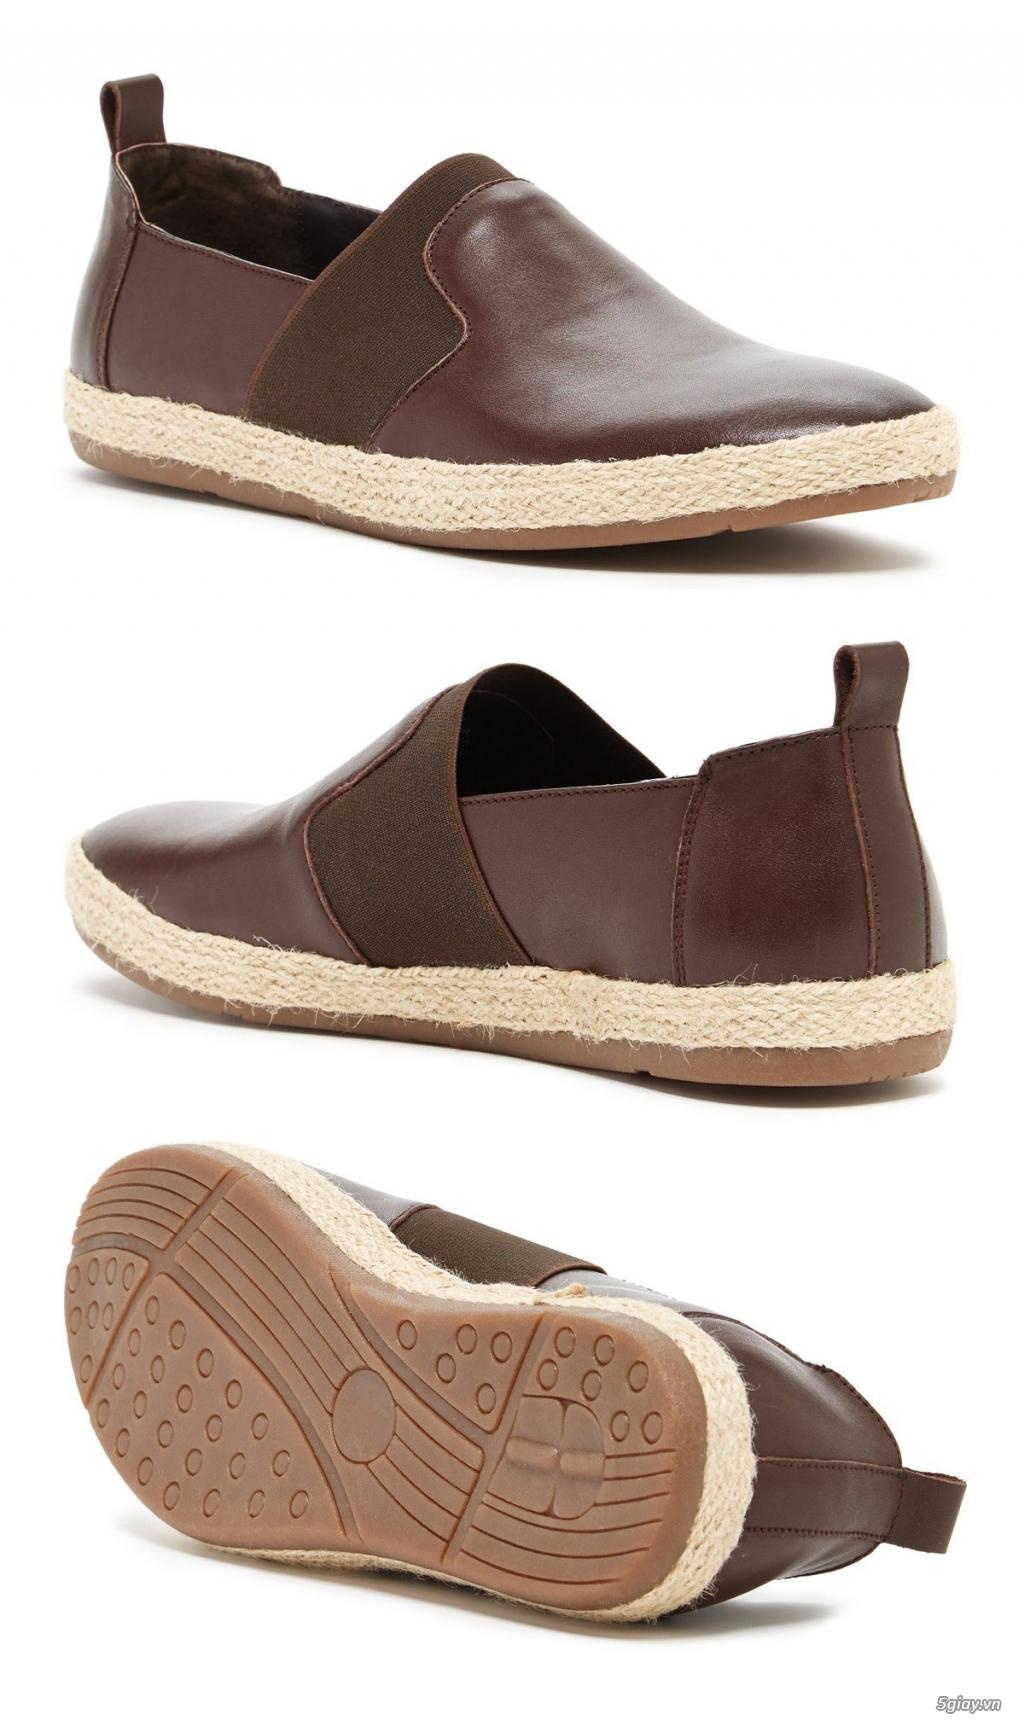 Giày dép hàng hiệu - xách tay 100% từ mỹ - 18